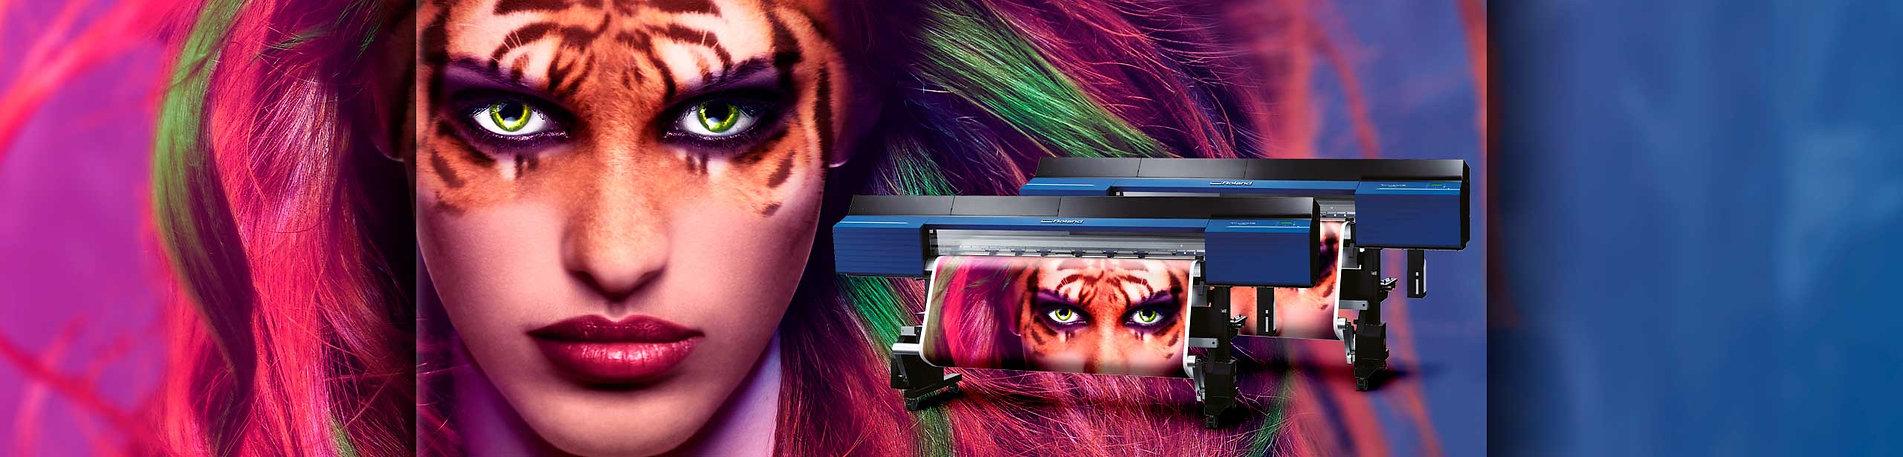 productpage_banner_desktop_vg2_2560x615p